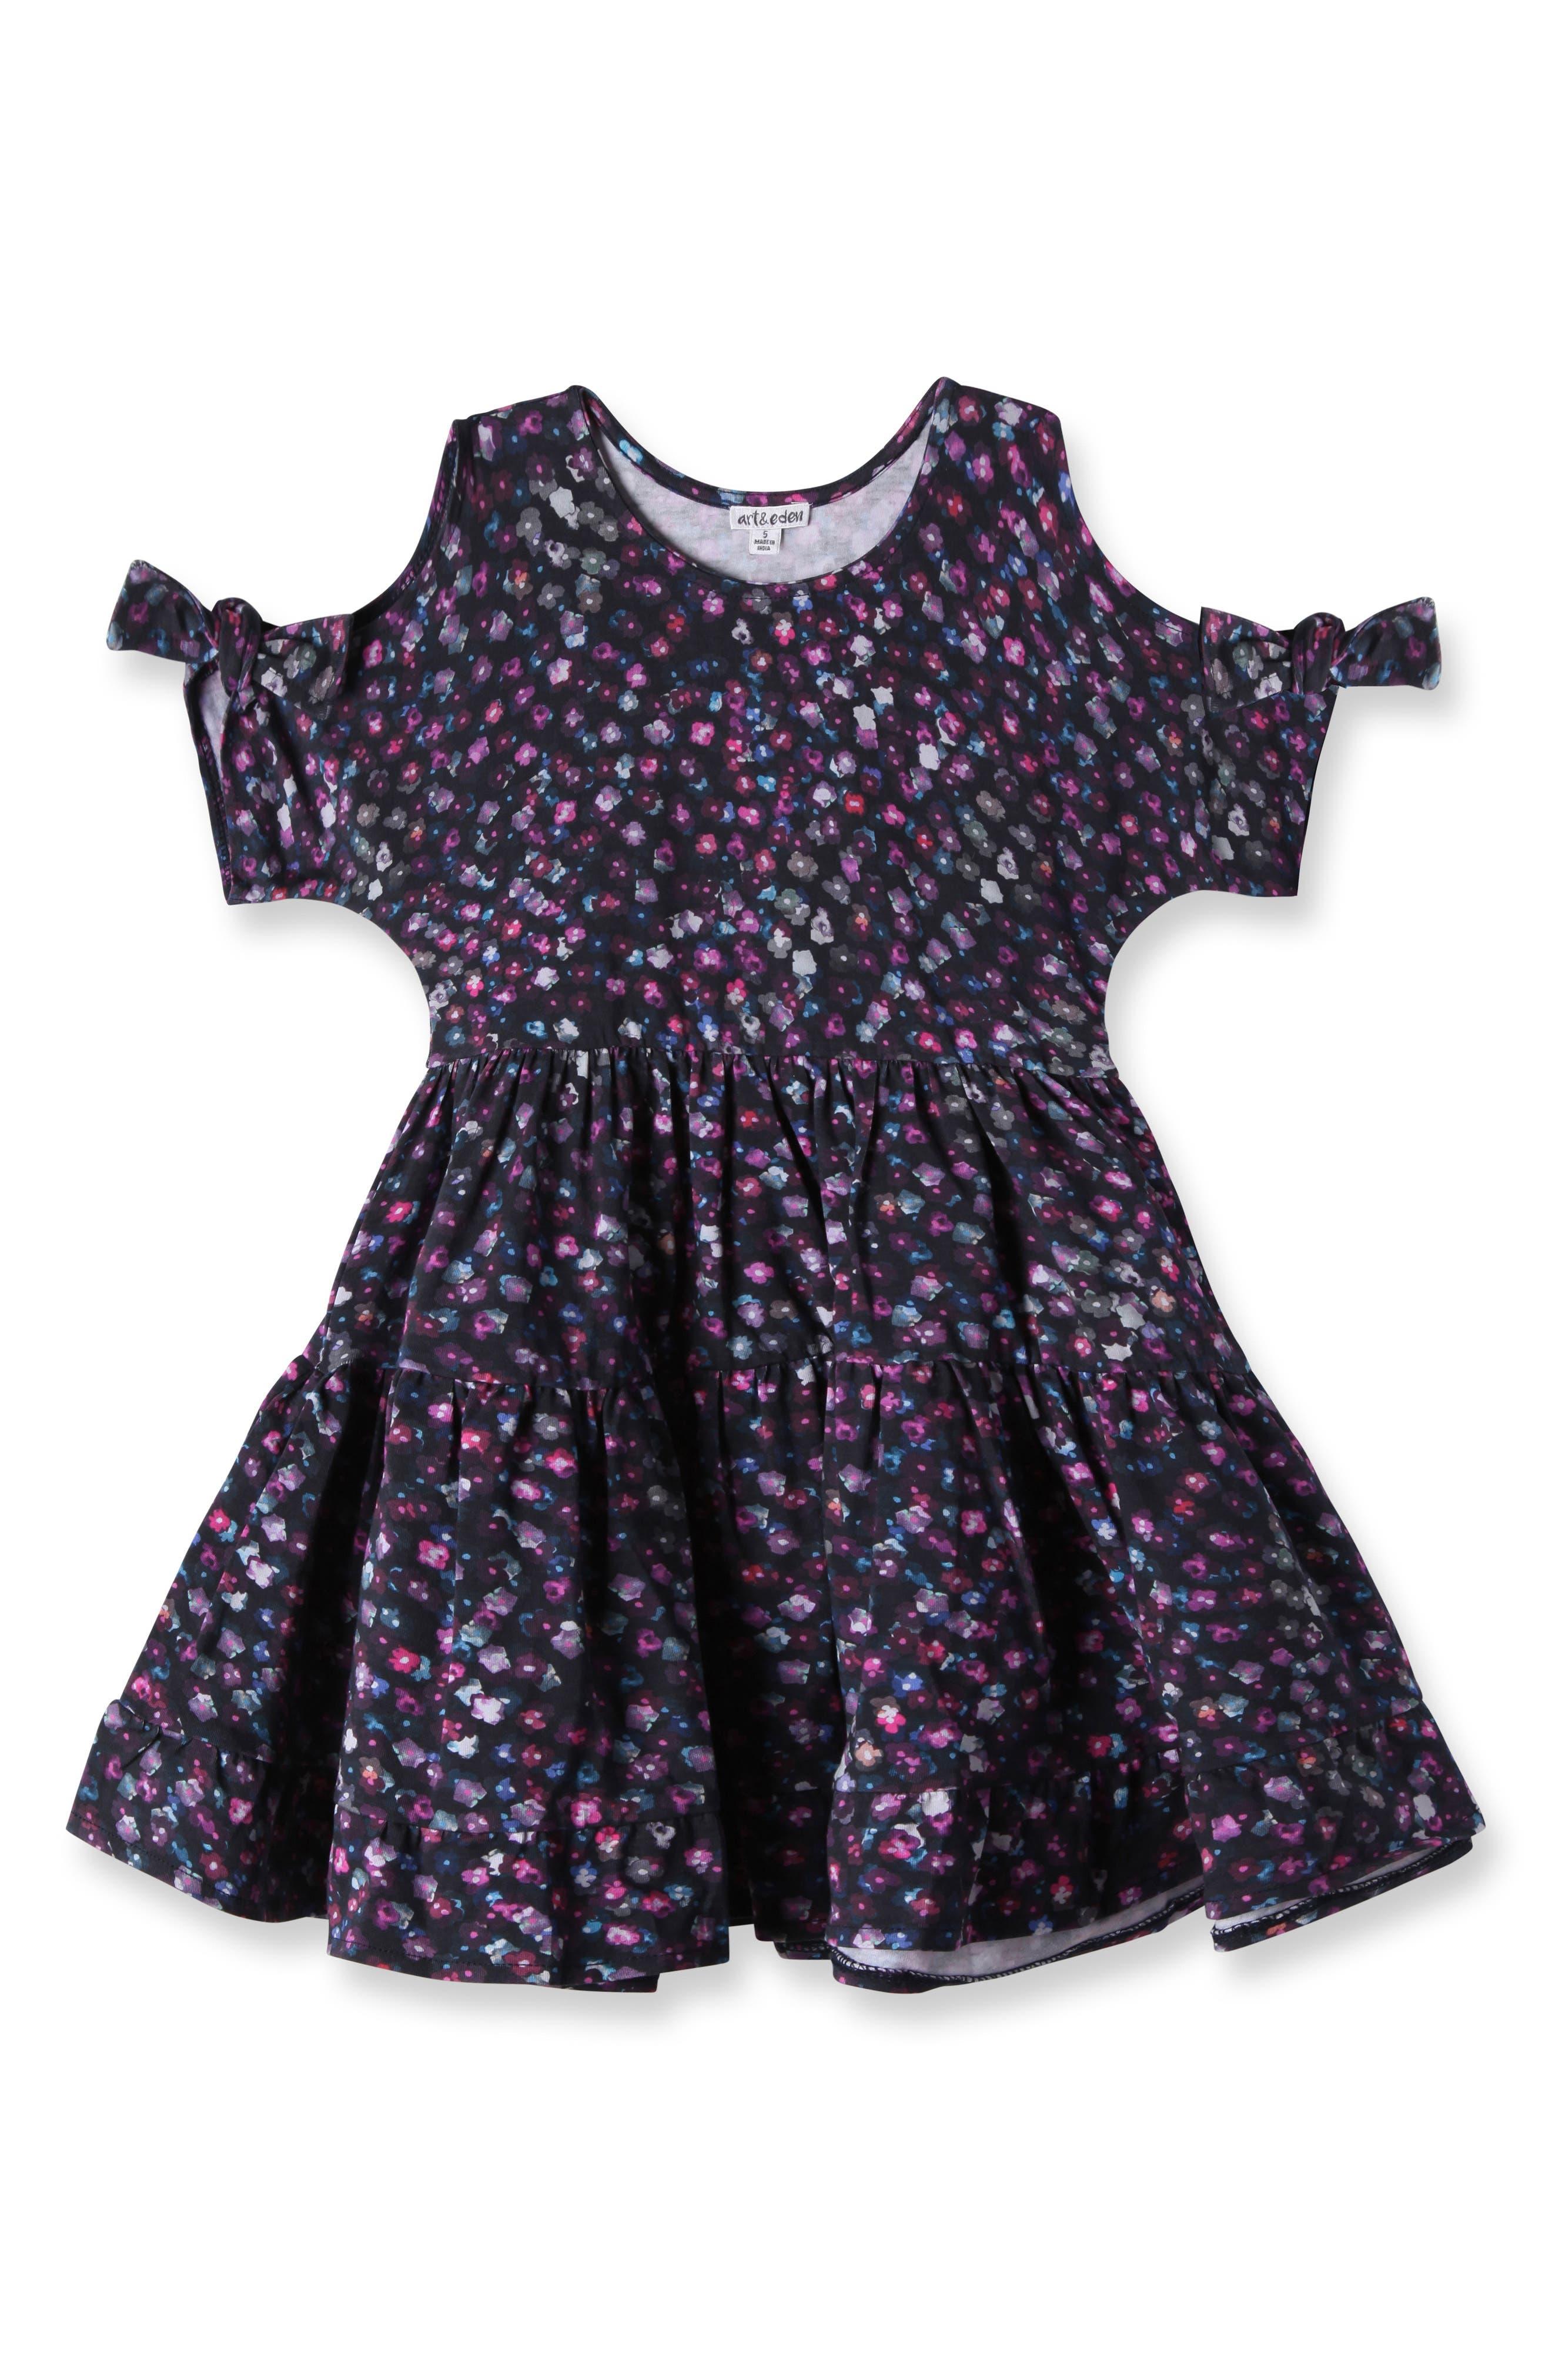 Alternate Image 1 Selected - Art & Eden Emma Cold Shoulder Dress (Toddler Girls & Little Girls)